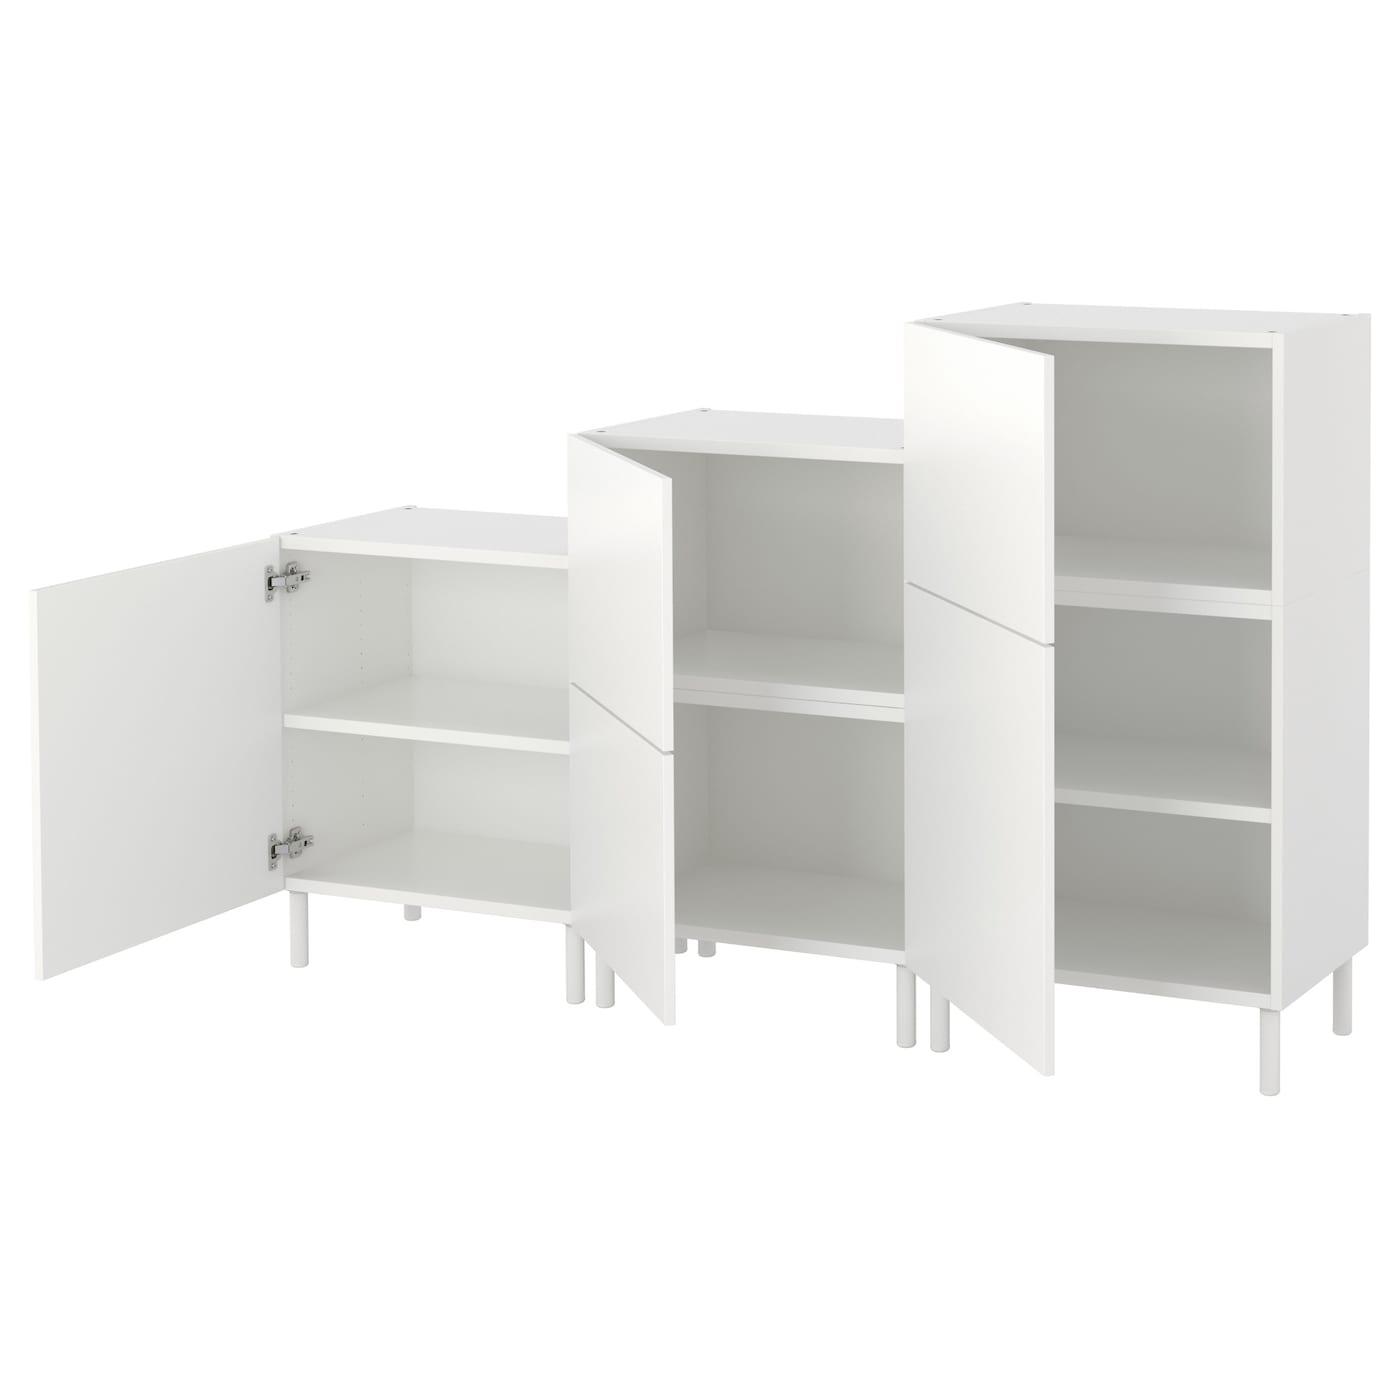 IKEA PLATSA Meuble De Rangement Idéal à Placer Sous Un Toit En Pente Ou Un  Escalier